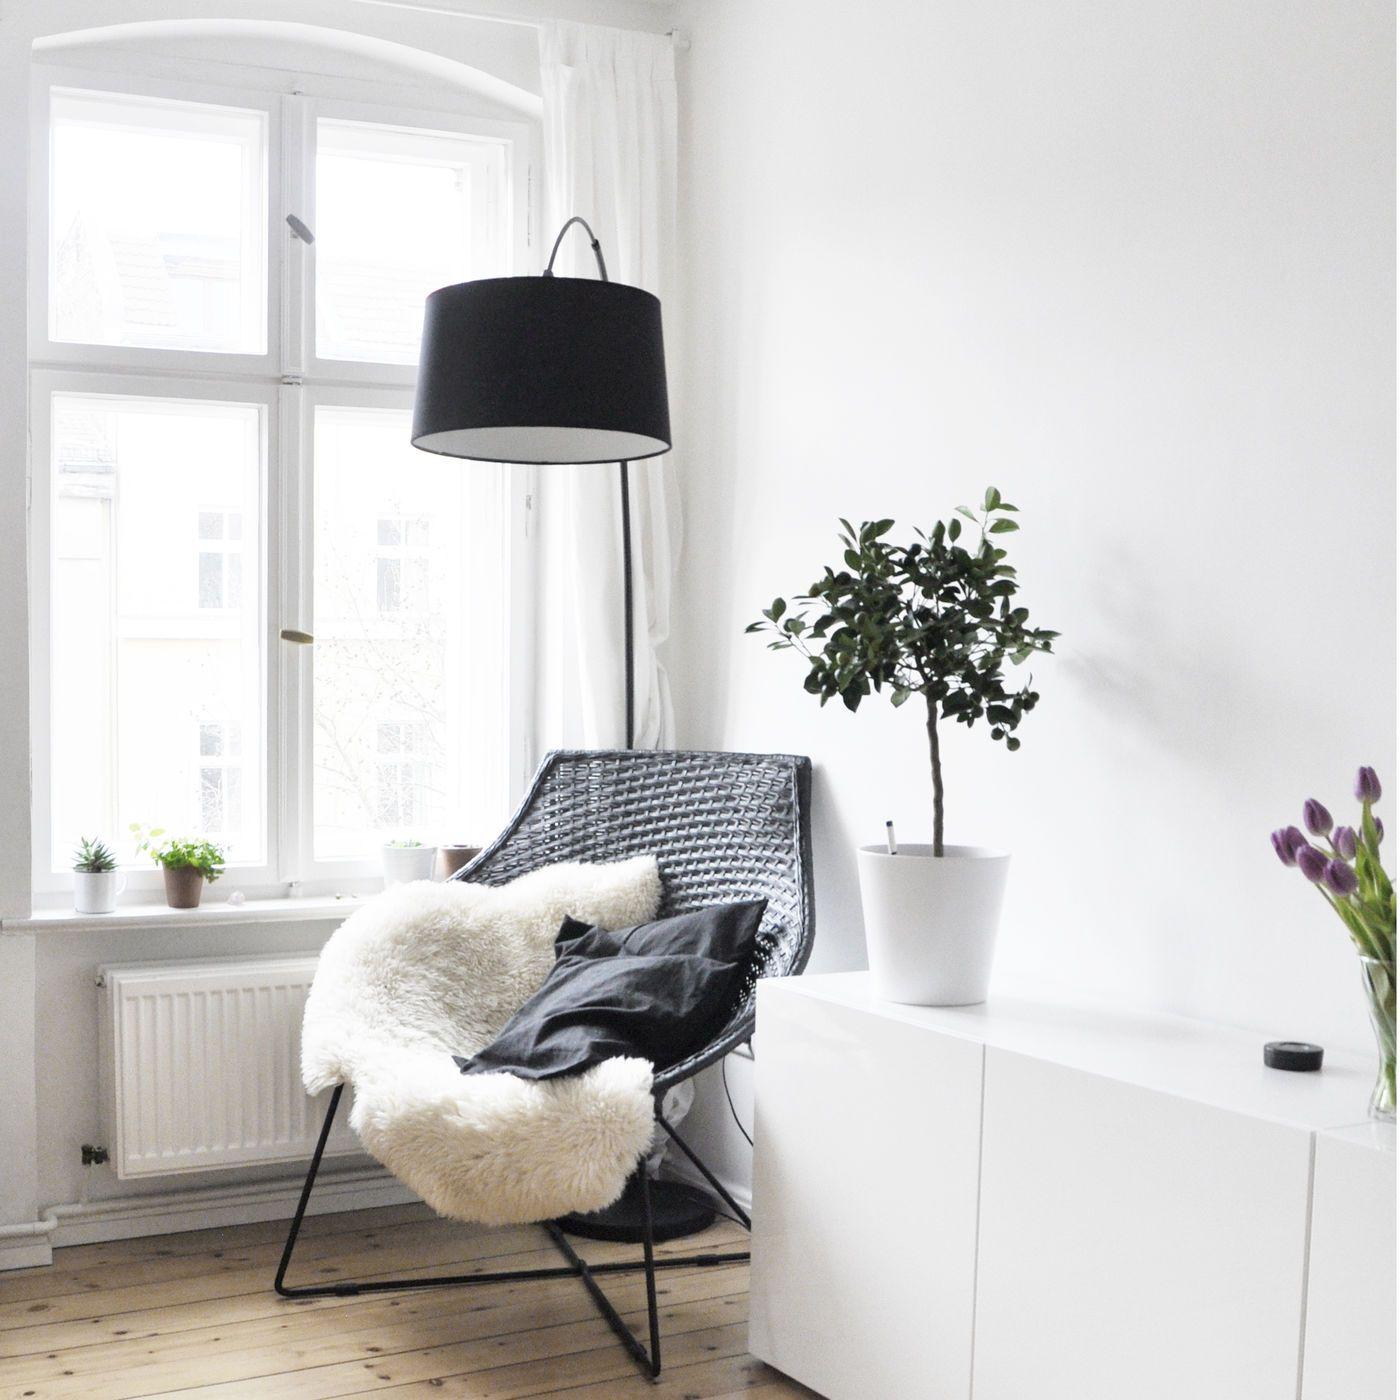 ideen f r deine leseecke und lesesessel seite 2. Black Bedroom Furniture Sets. Home Design Ideas